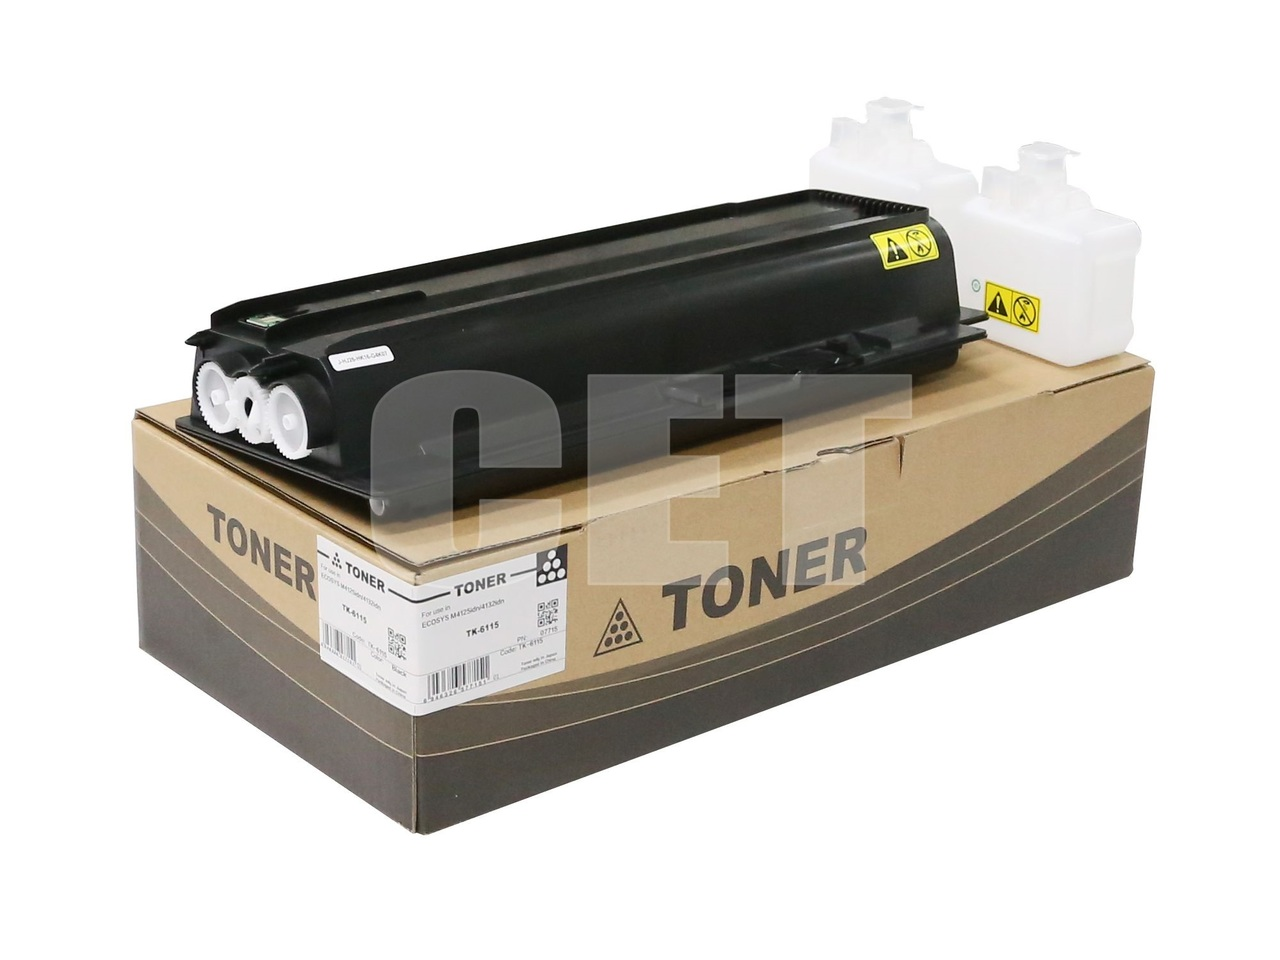 Тонер-картридж (PK9/PK10) TK-6115 для KYOCERA ECOSYSM4125idn/4132idn (CET), 540г, 15000 стр., CET7715